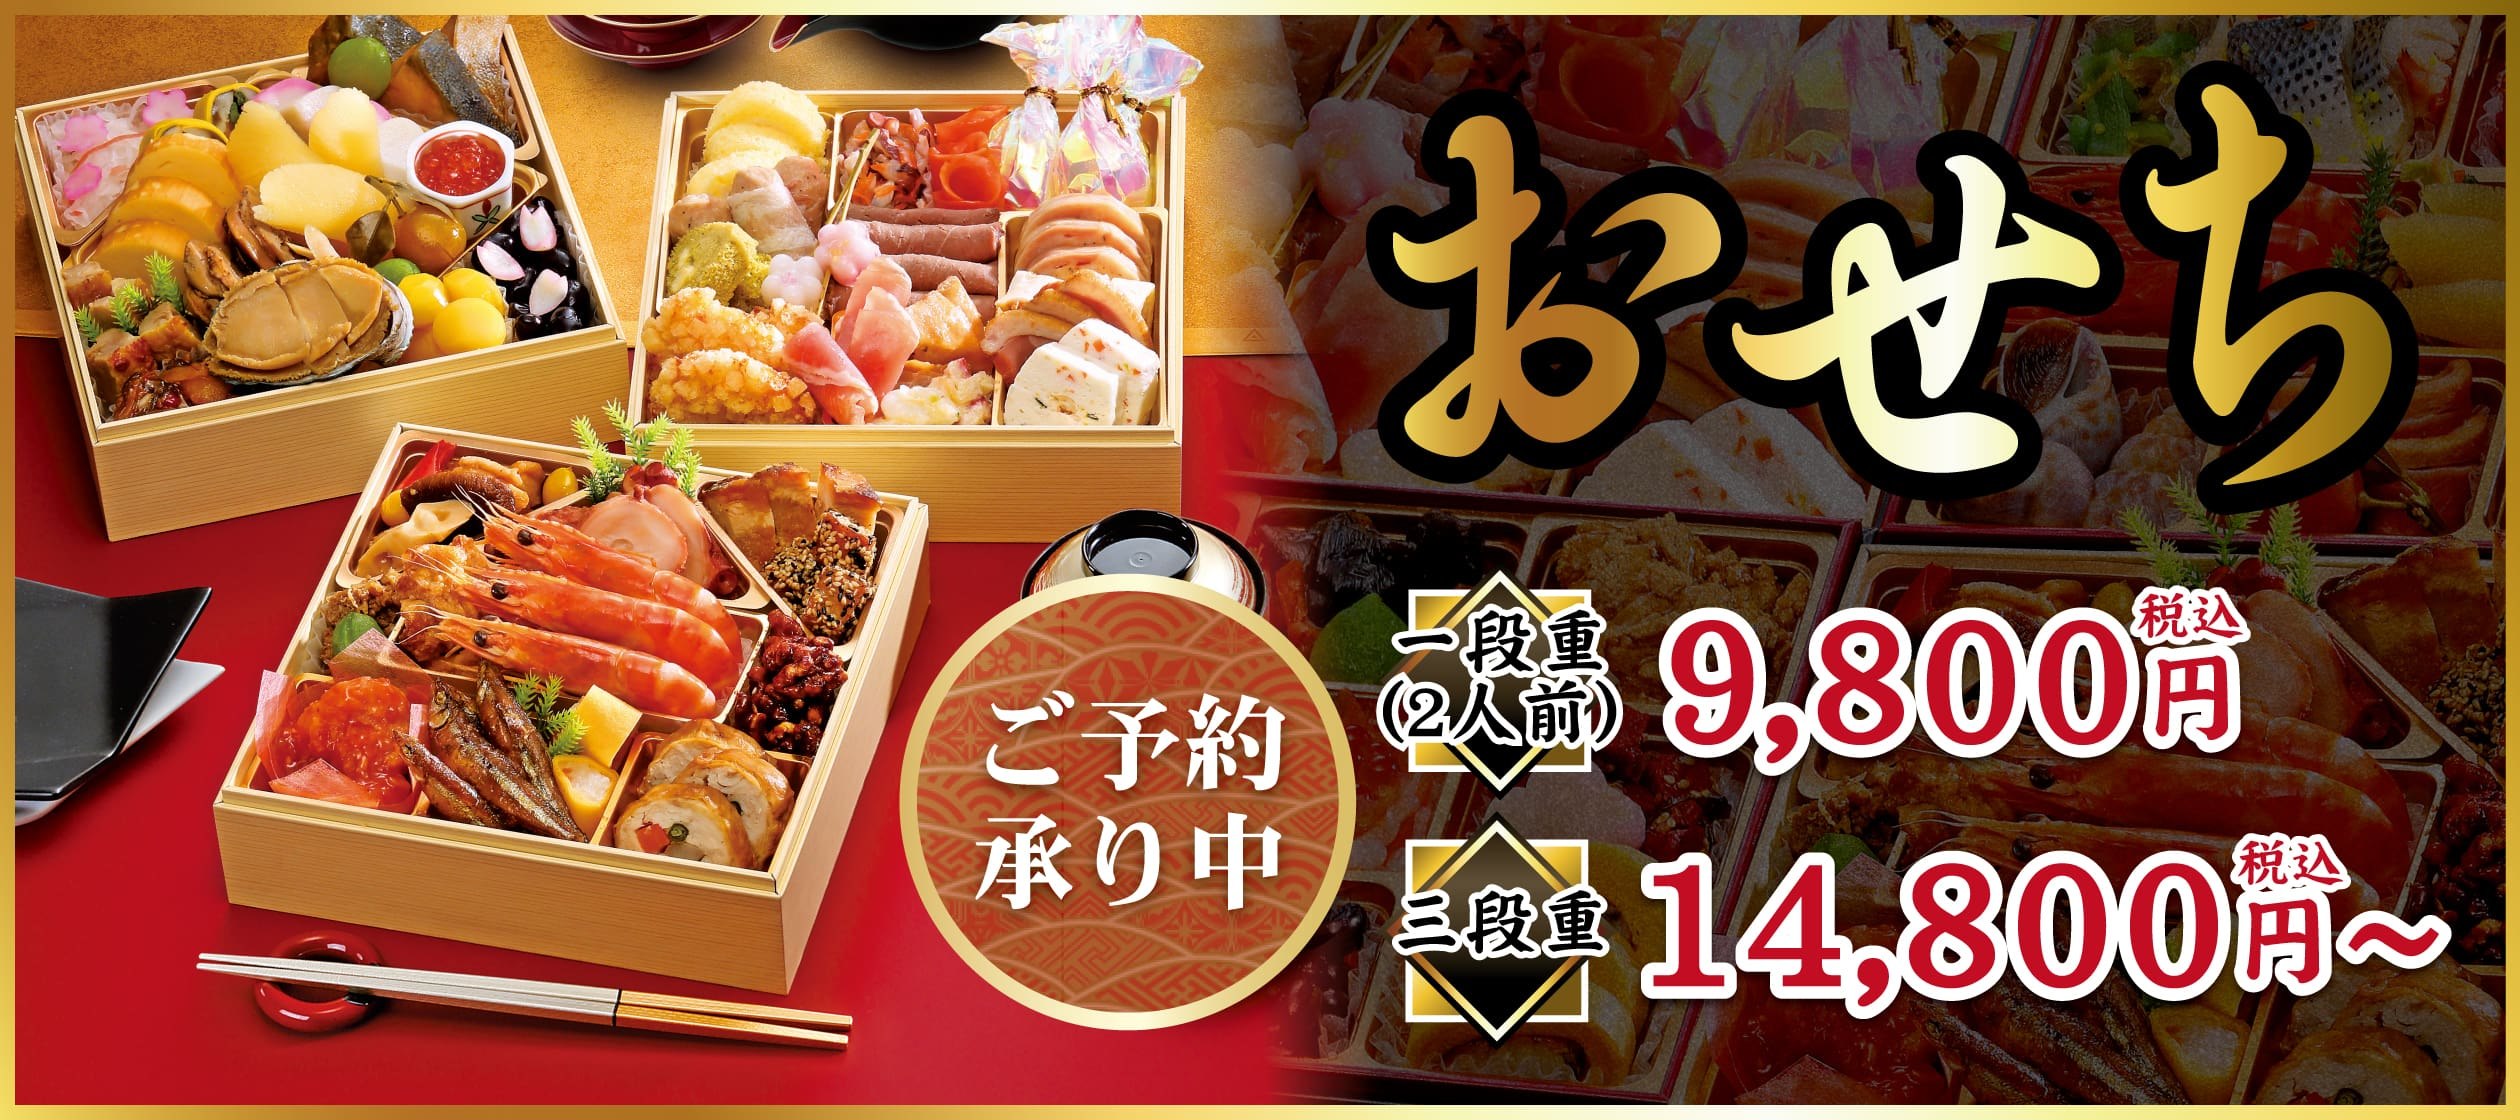 札幌海鮮丸のおせち2020